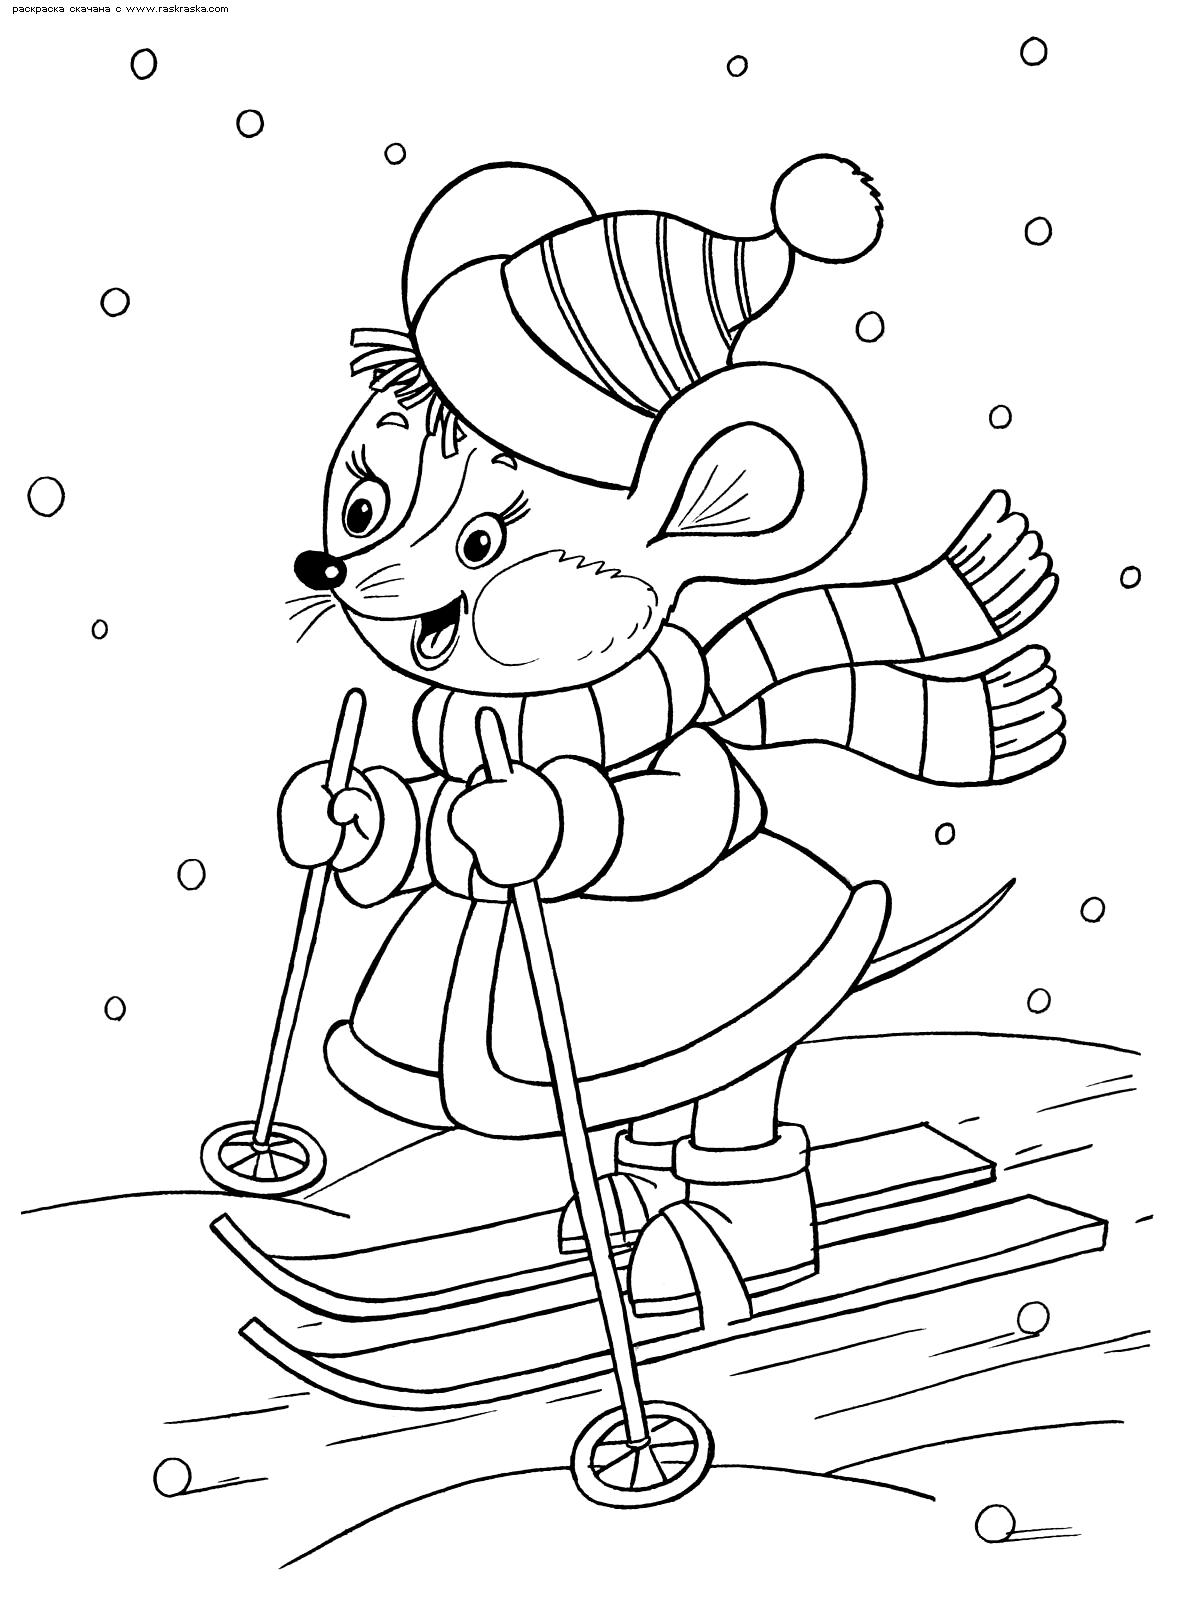 Раскраска Мышка на лыжах. Раскраска мышь